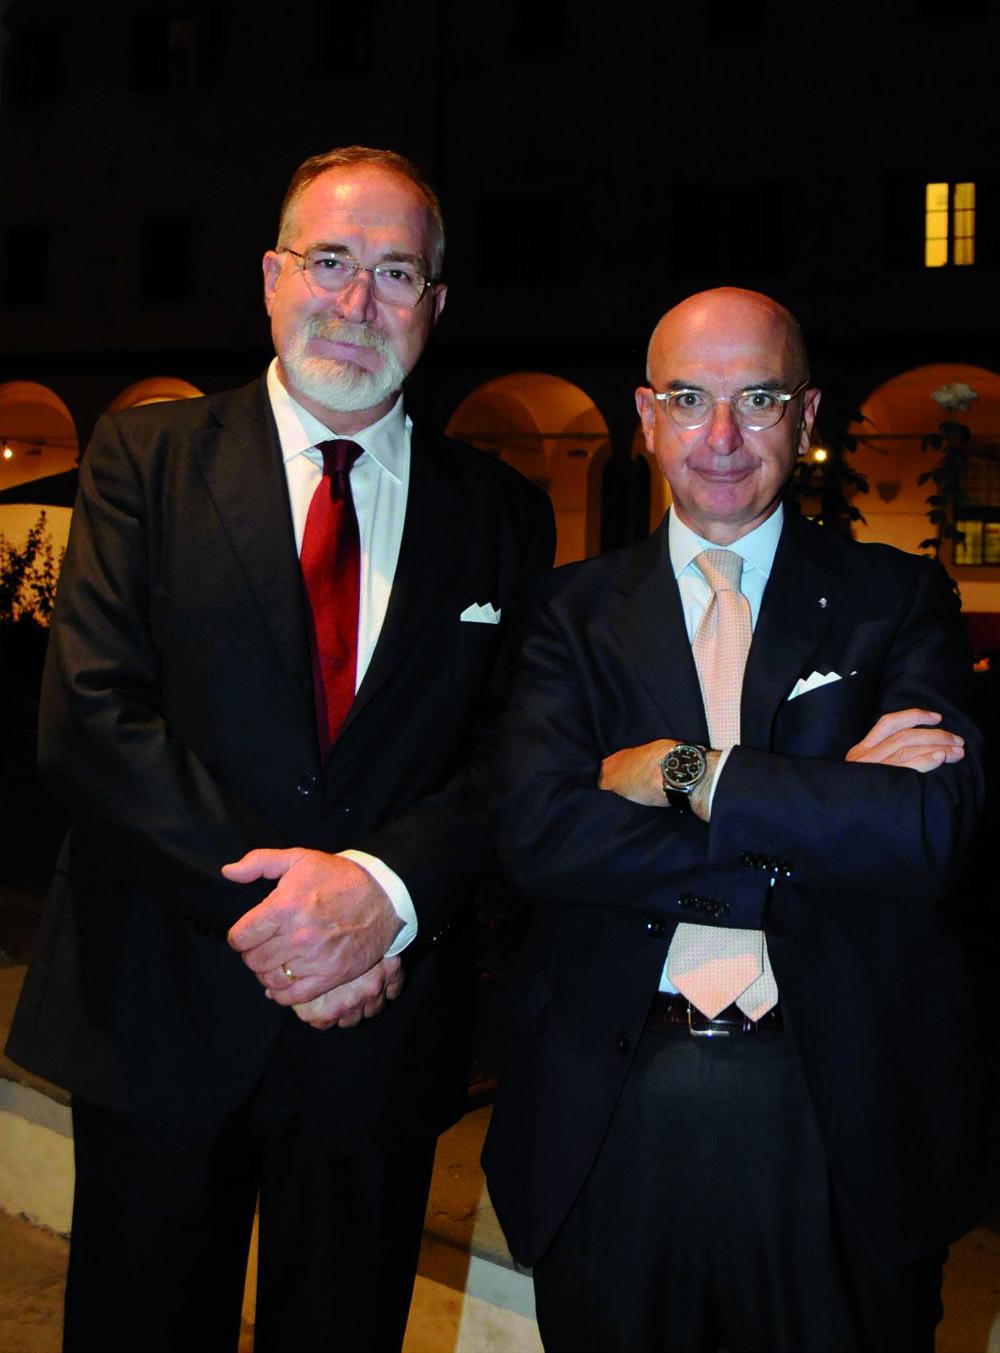 Pressphoto, Firenze Magazine, Serata Piccini al Convitto della Calza,: Ugo Pancani, Carlo Maria Ceppi